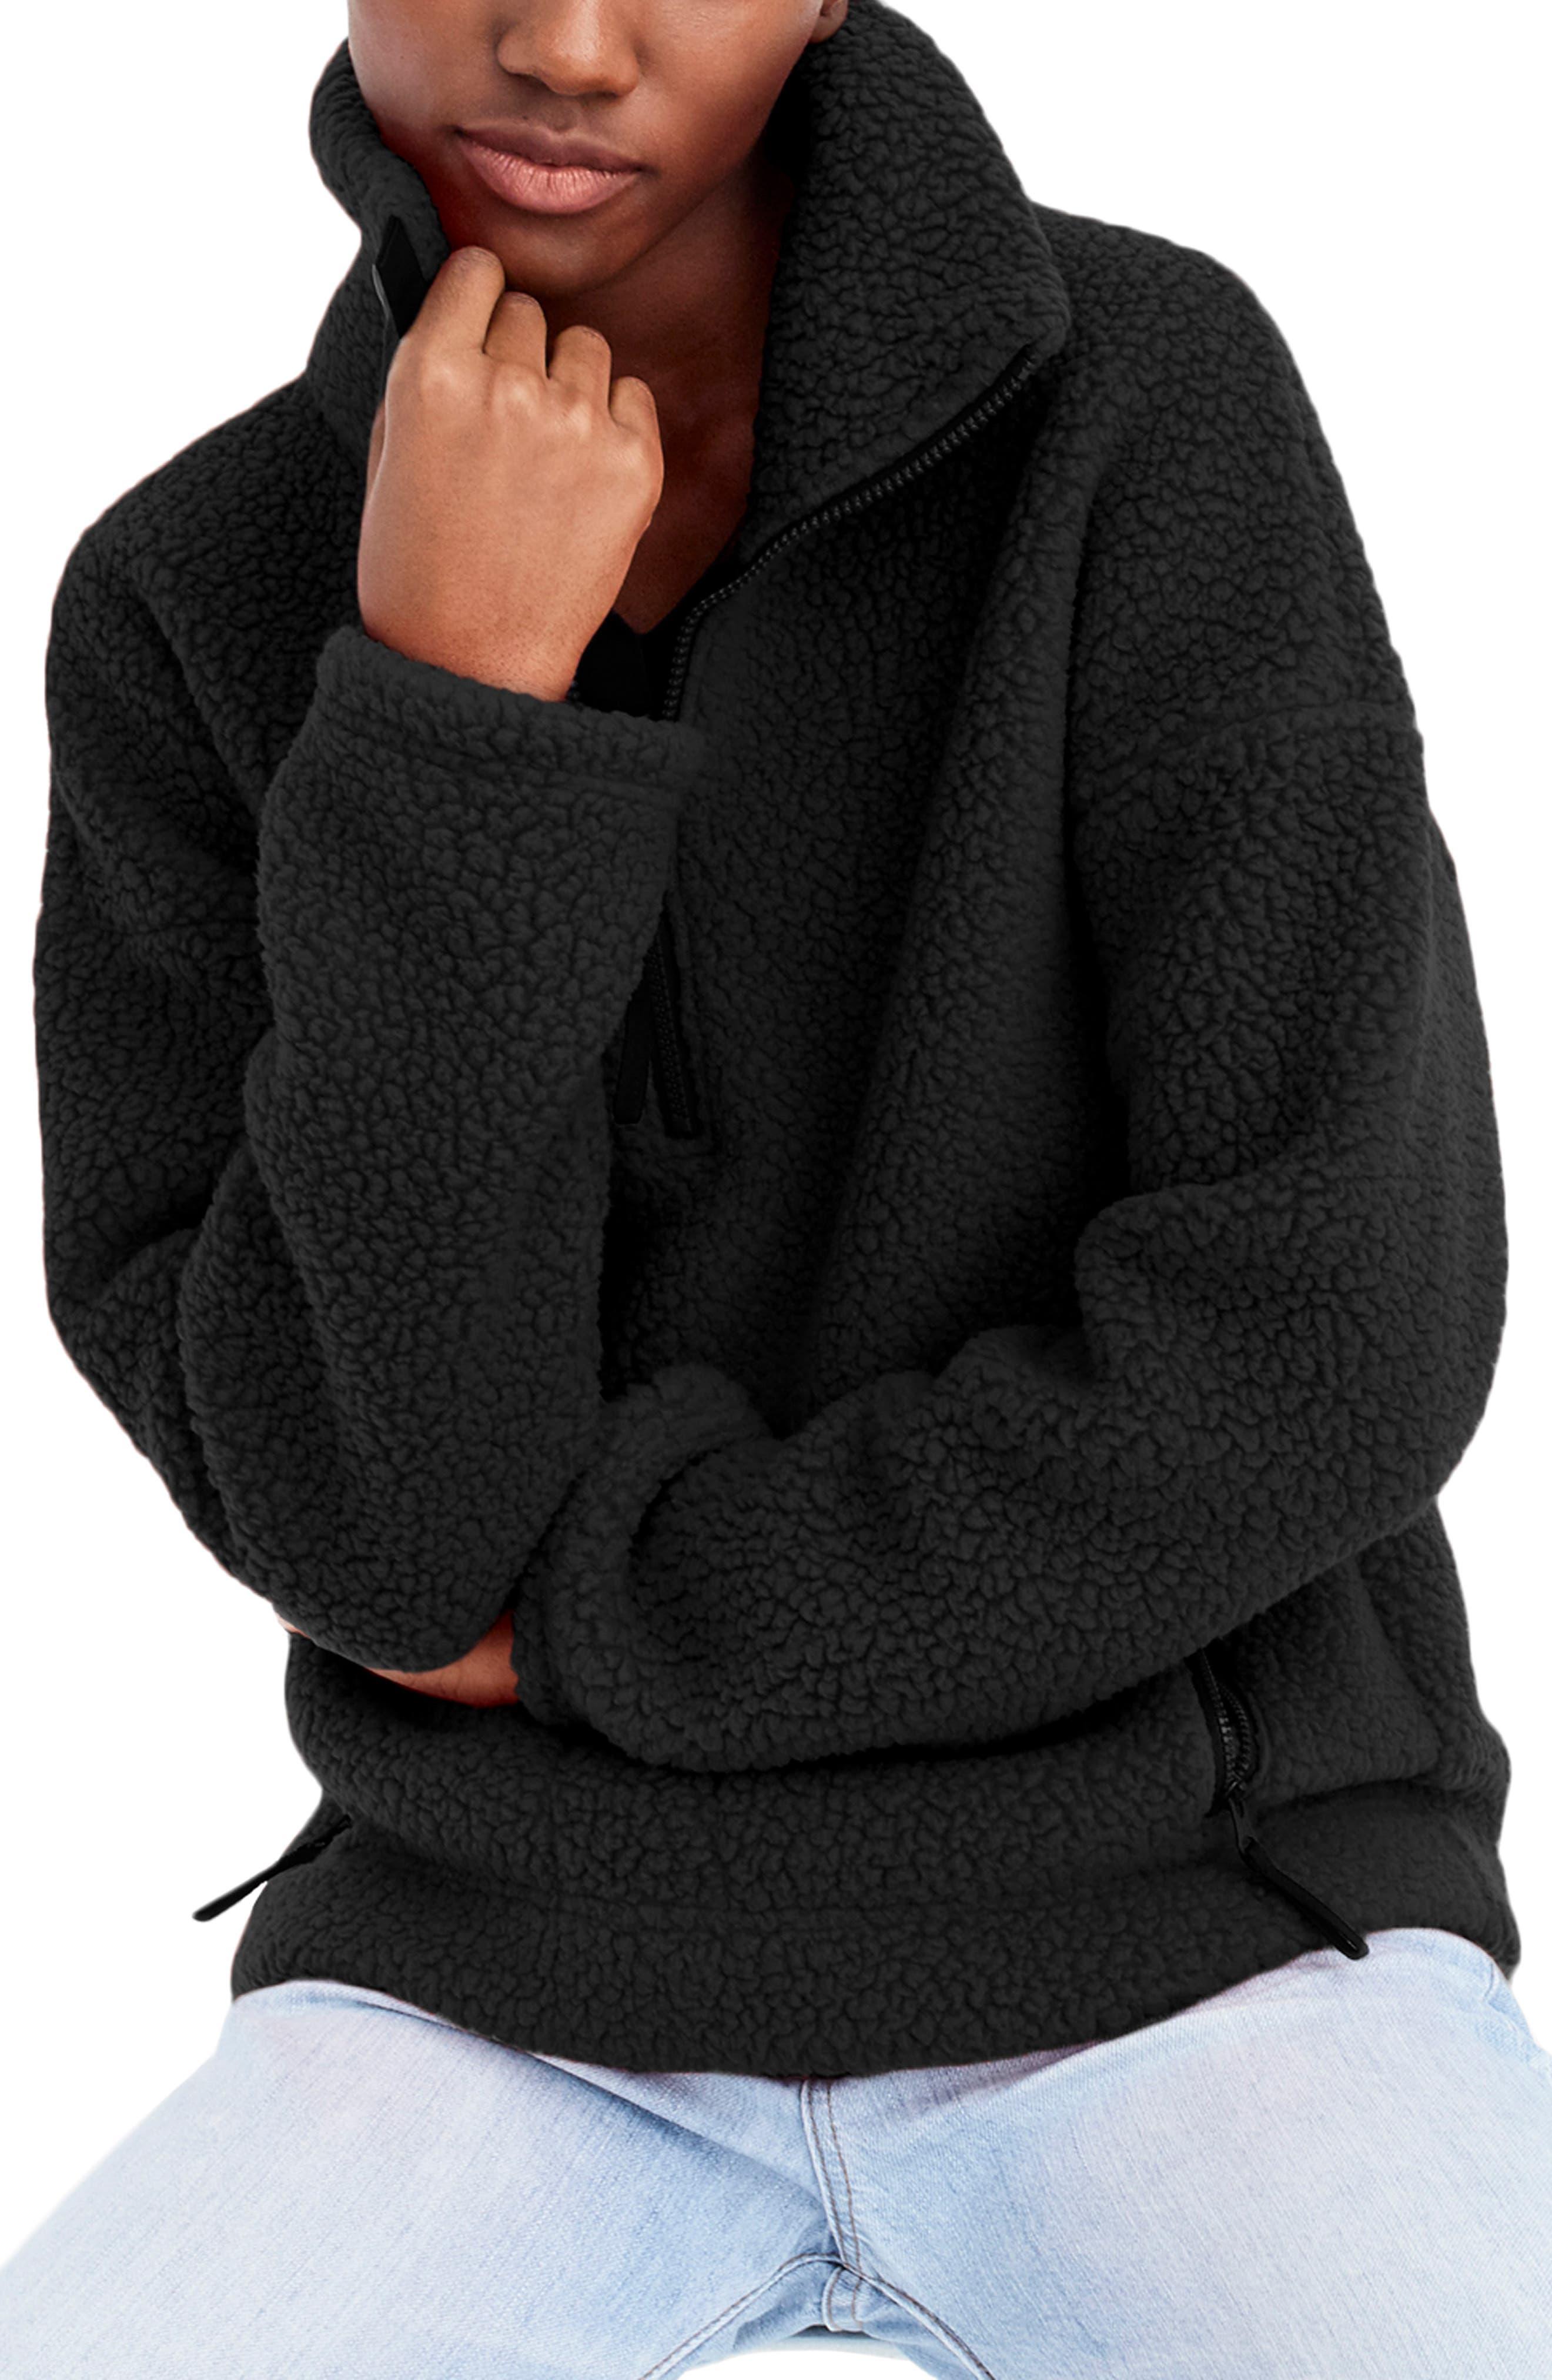 J.crew Polartec Fleece Half-Zip Pullover Jacket, Black